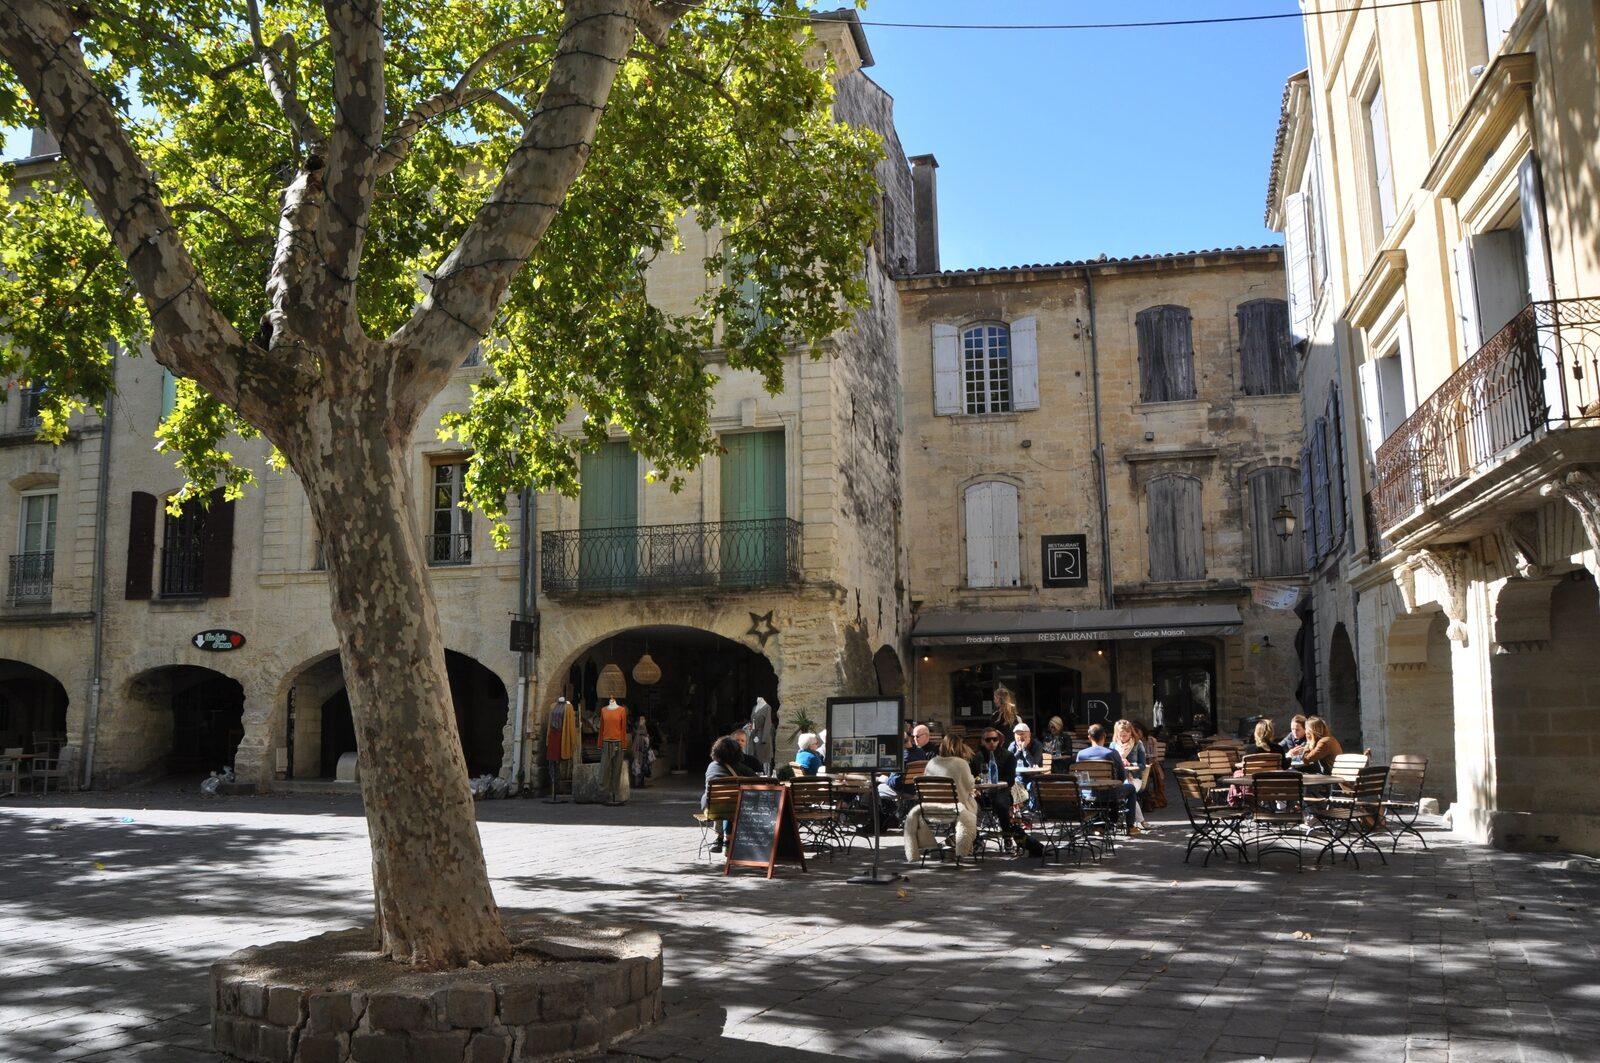 Tijdens de vakantie in Zuid-Frankrijk mag een bezoek aan Uzes niet ontbreken